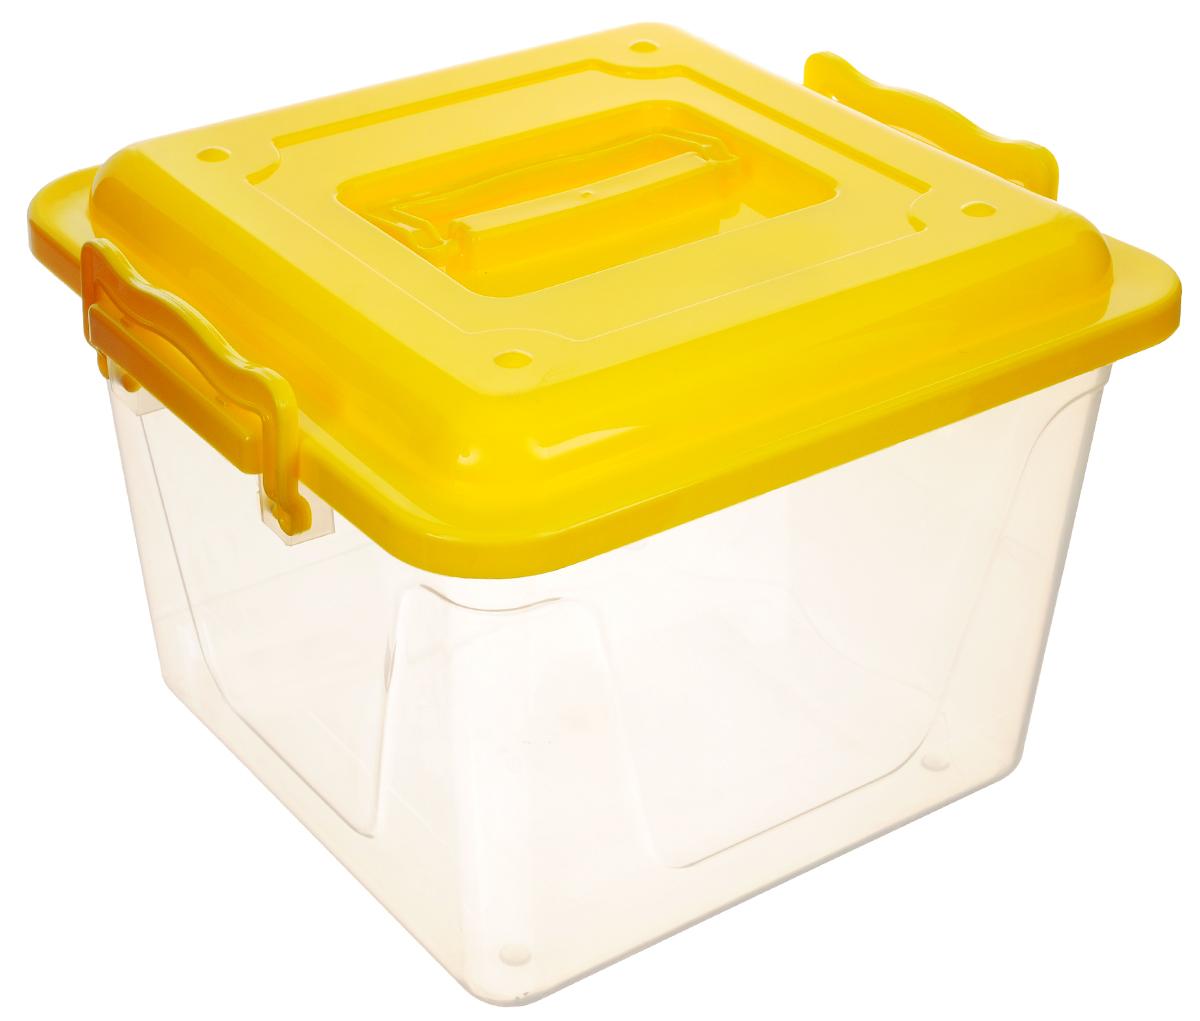 Контейнер Альтернатива, цвет: прозрачный, желтый, 8,5 л41619Контейнер Альтернатива прекрасно подойдет для хранения небольших игрушек, инструментов, швейных принадлежностей и многого другого. Он изготовлен из высококачественного пластика. Контейнер плотно закрывается крышкой с двумя защелками. Удобный и легкий контейнер позволит вам хранить вещи в полном порядке, а благодаря современному дизайну он впишется в любой интерьер. Контейнер имеет компактные размеры, поэтому не занимает много места.Размер (с учетом крышки): 26 х 27 х 20,5 см.